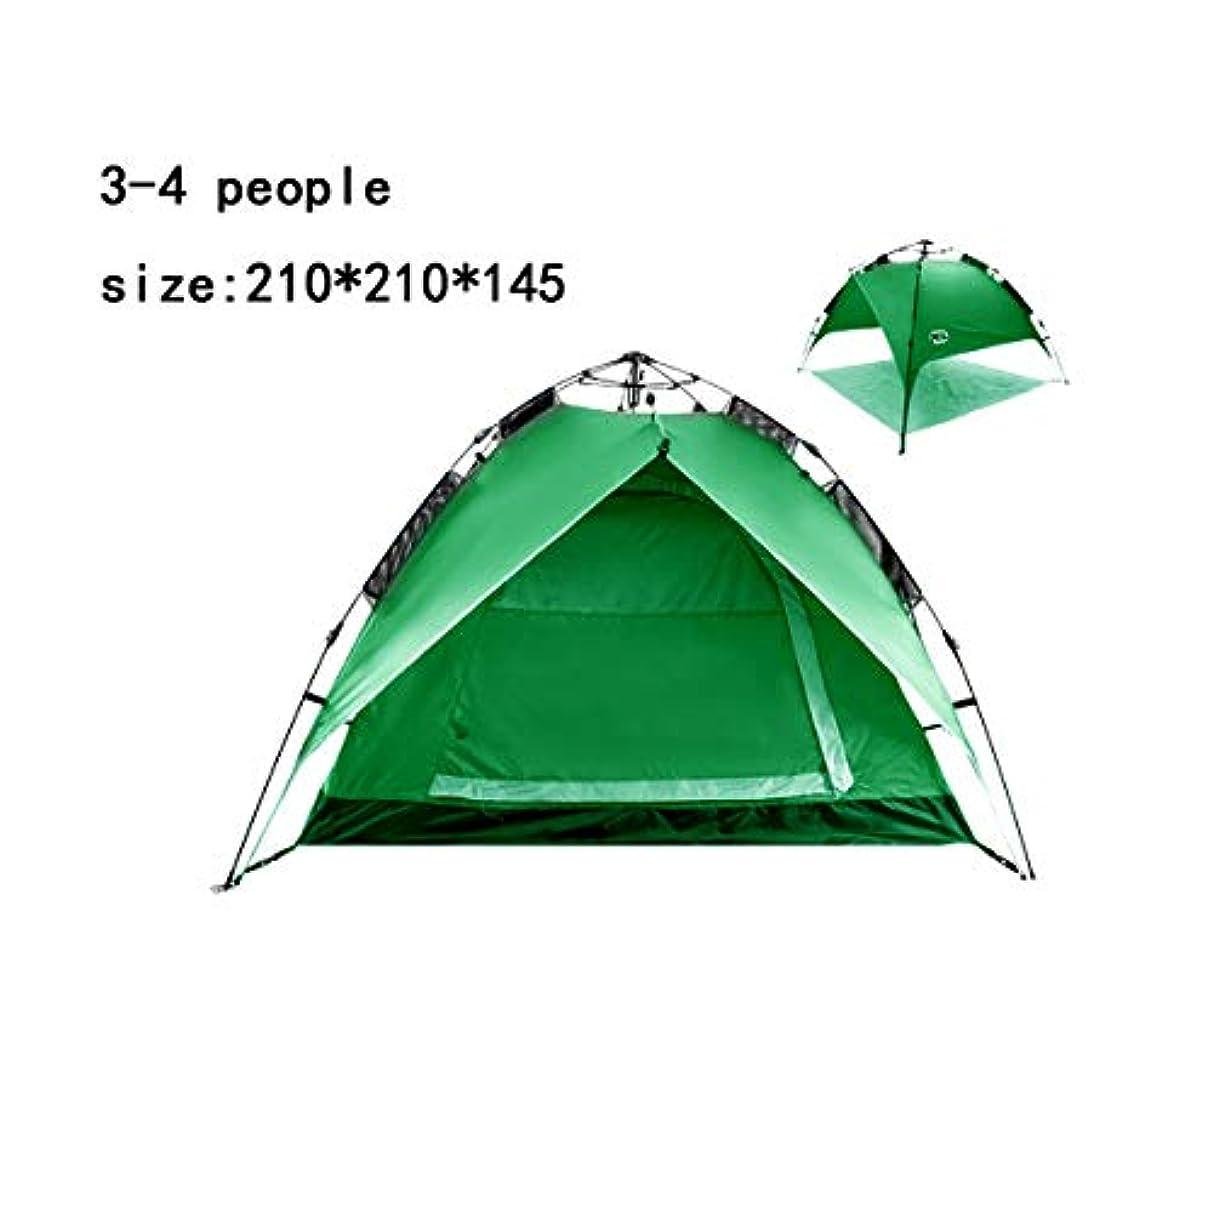 旅行代理店チューインガムピラミッドQH 屋外、自動速度開いた10トン、3-4ポータブル防雨ビーチシェードテントキャンプピクニック (Color : Grass green)